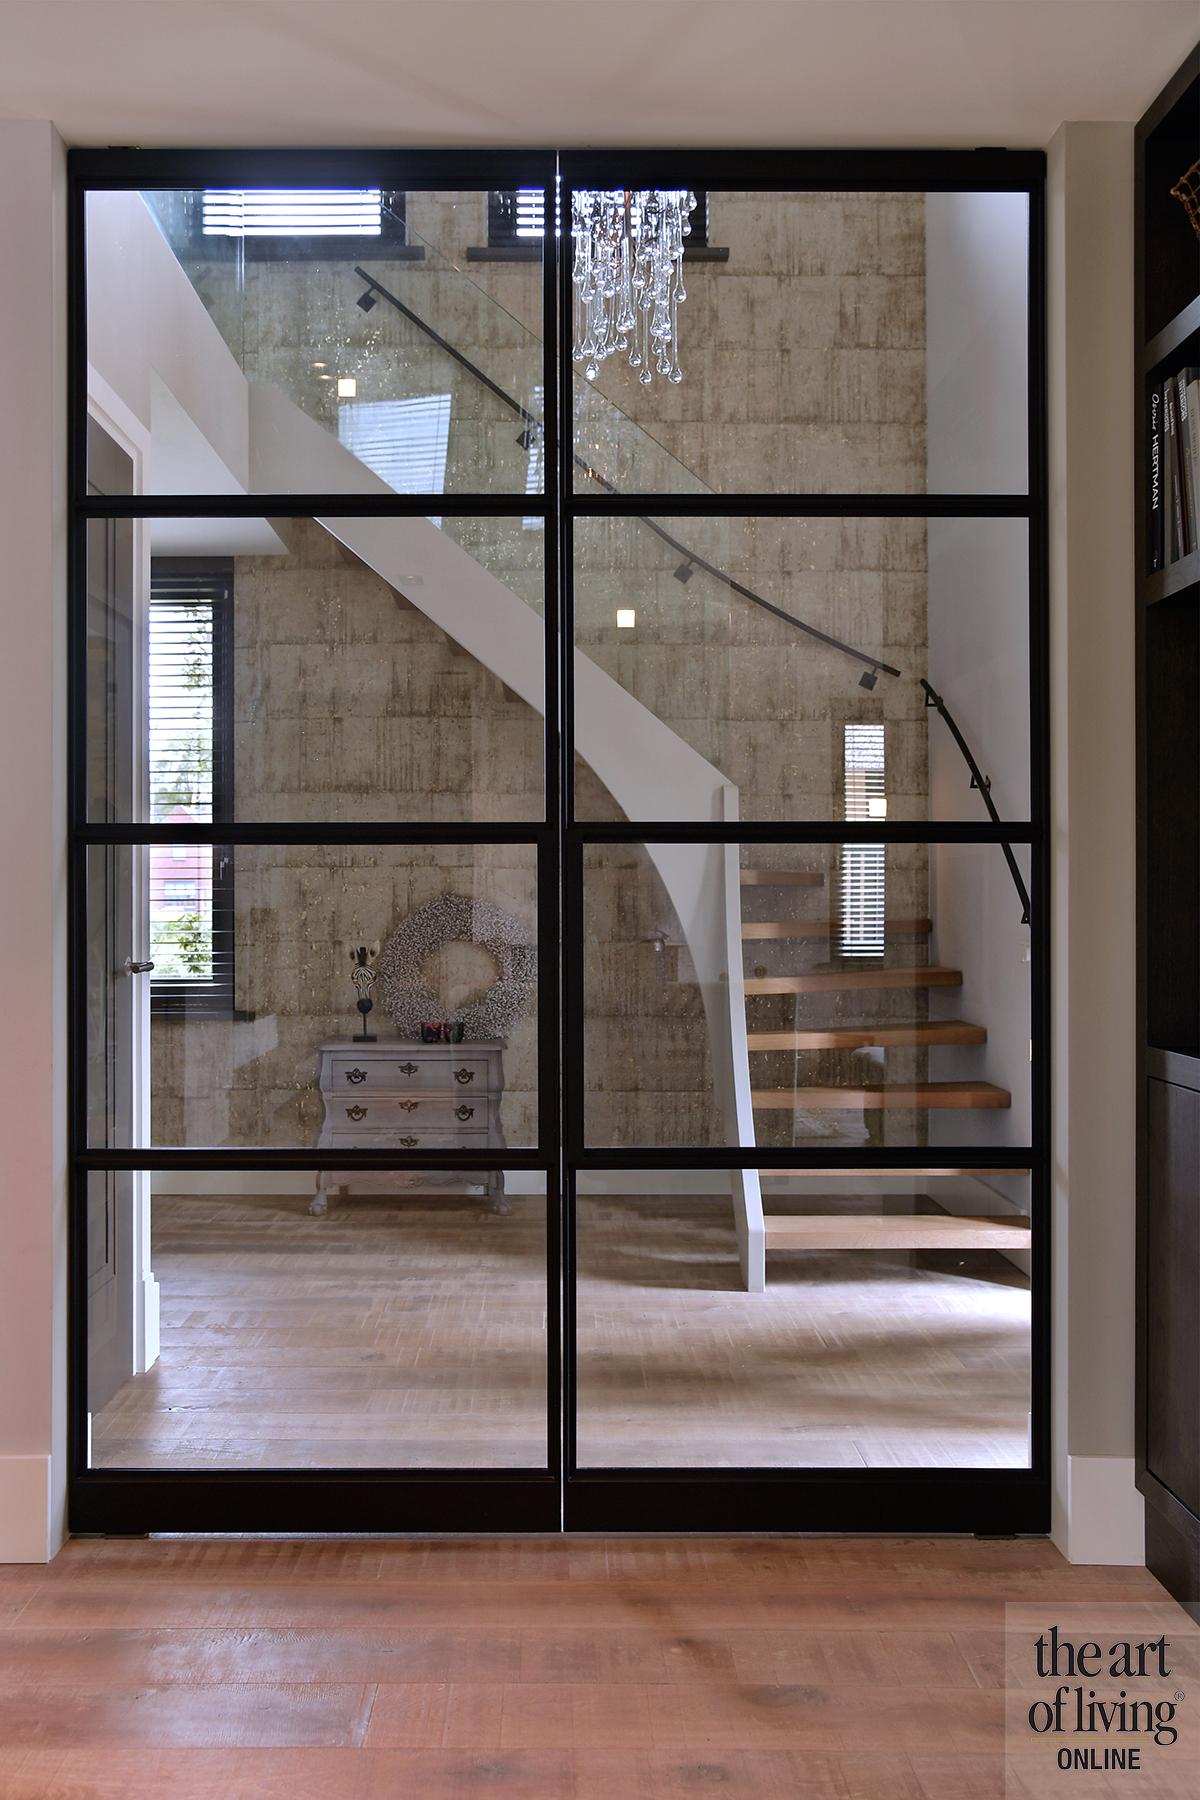 Modern landelijk, de rooy metaaldesign, stalen deuren, openhaard, warm, luxe, exclusief wonen